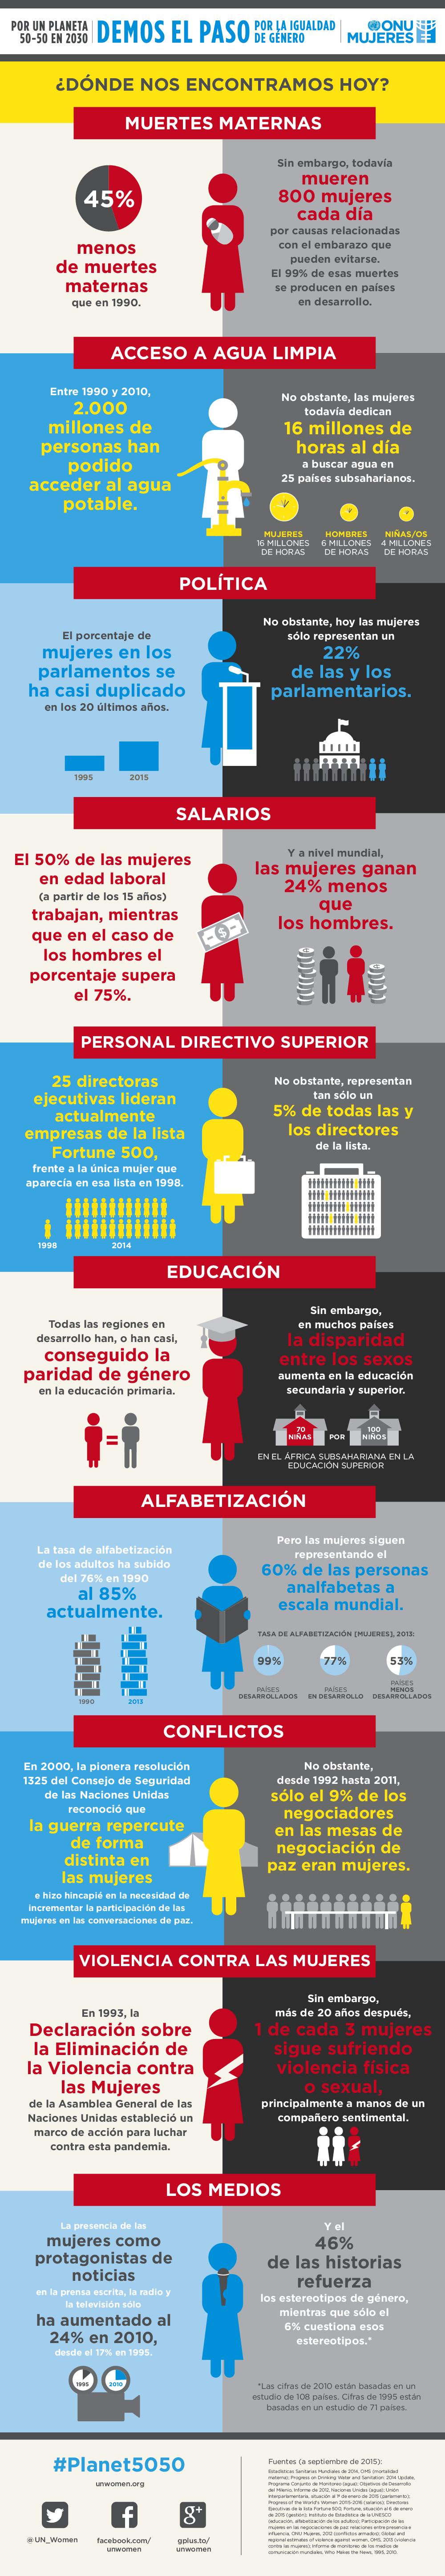 Fuente. UNwomen